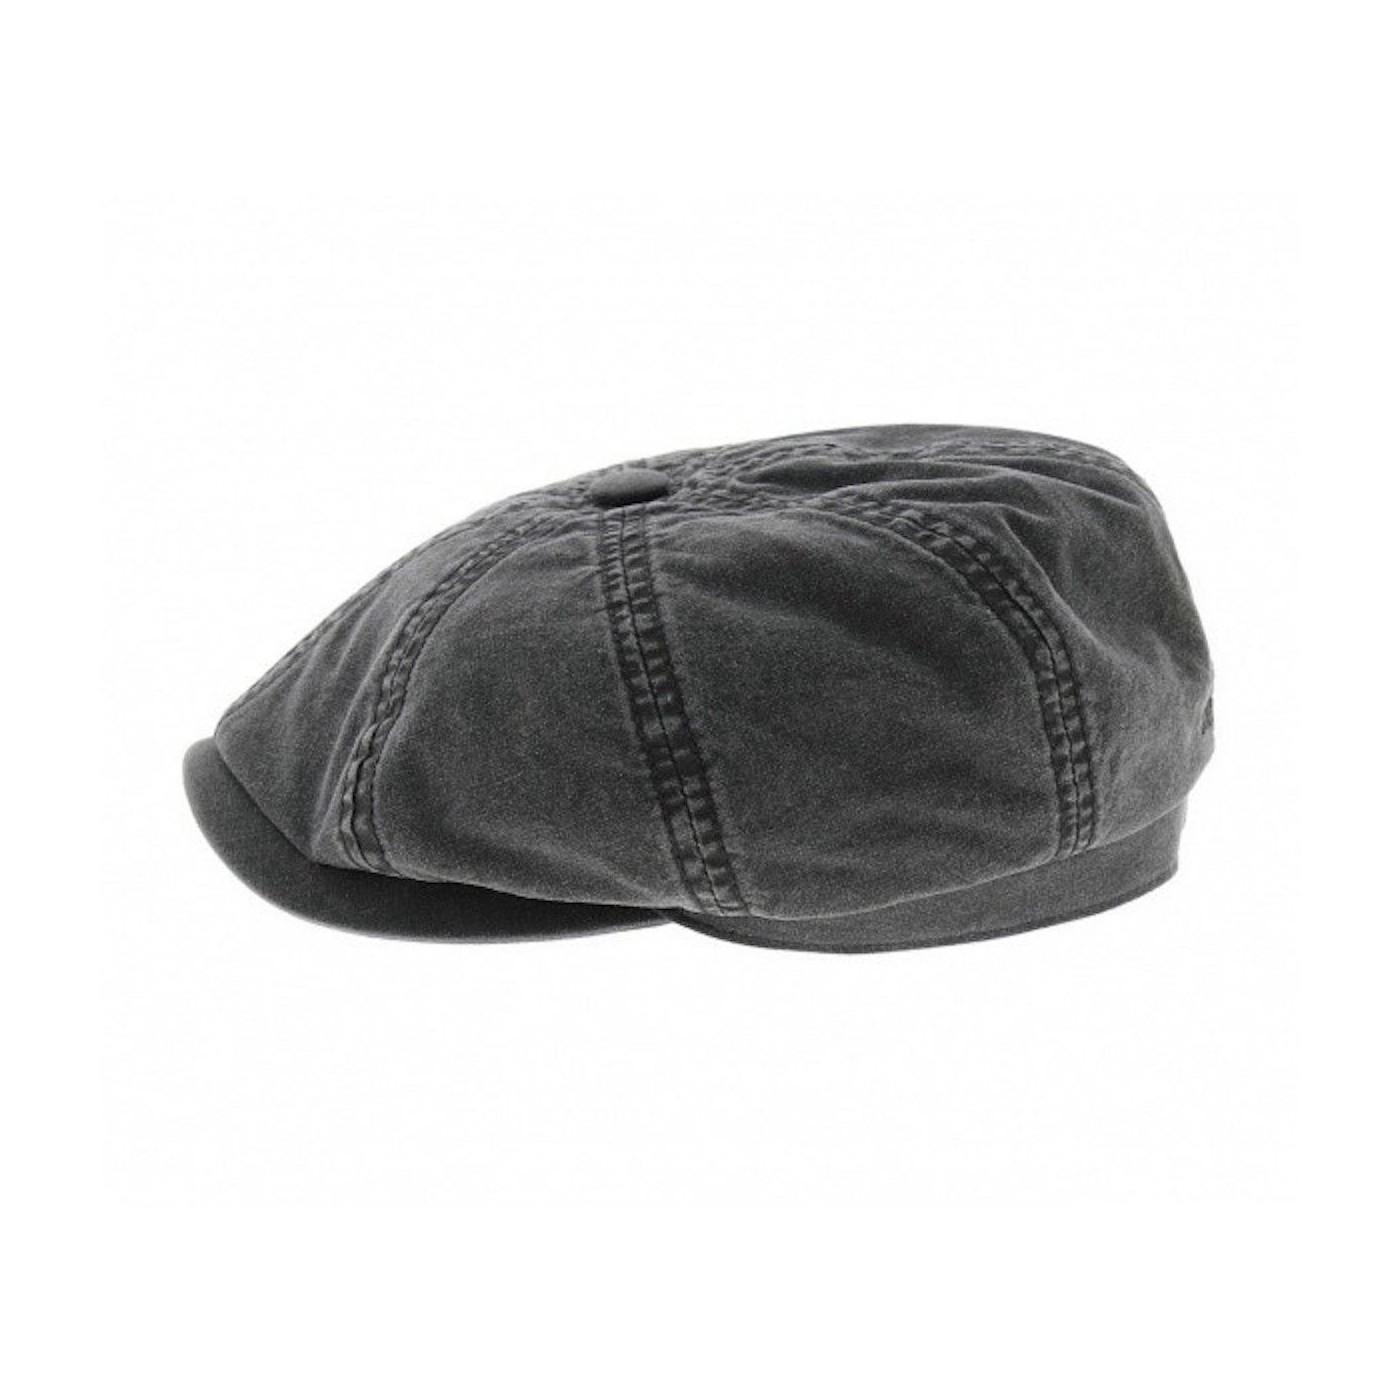 Casquette Stetson hatteras coton délavé organique black 6841106-1